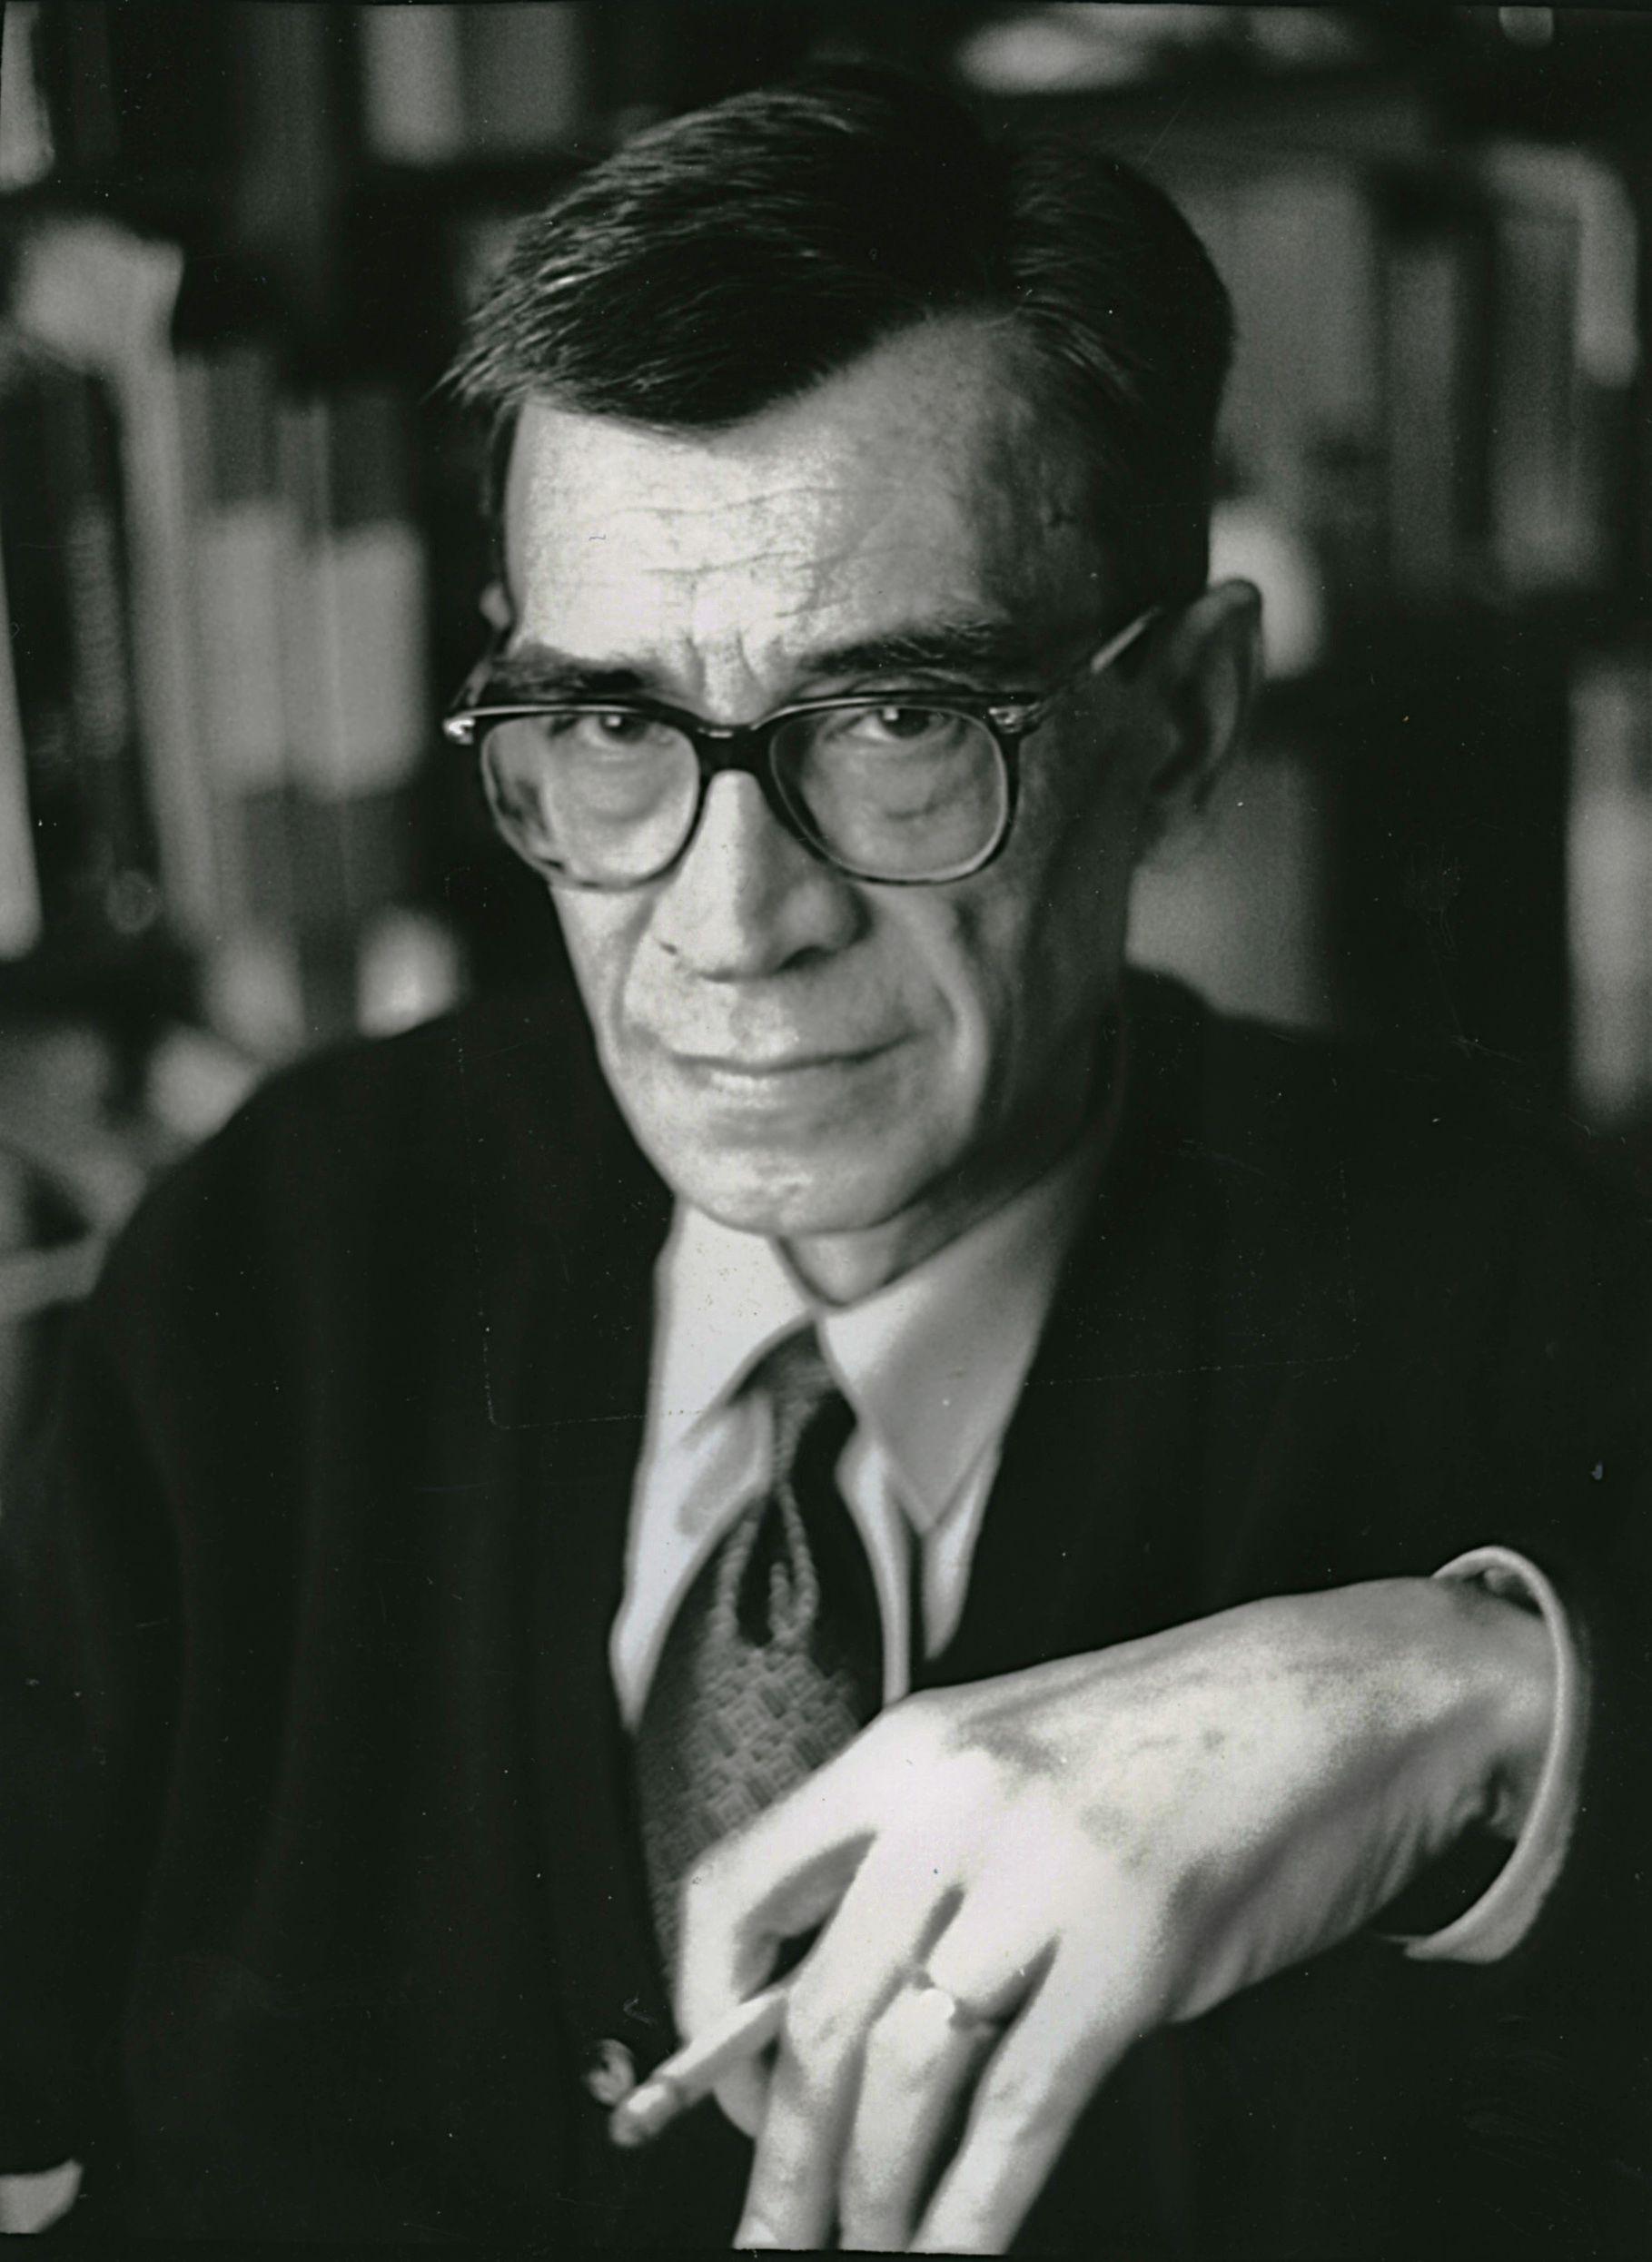 Carlos Pujol, Barcelona, 1936-2012